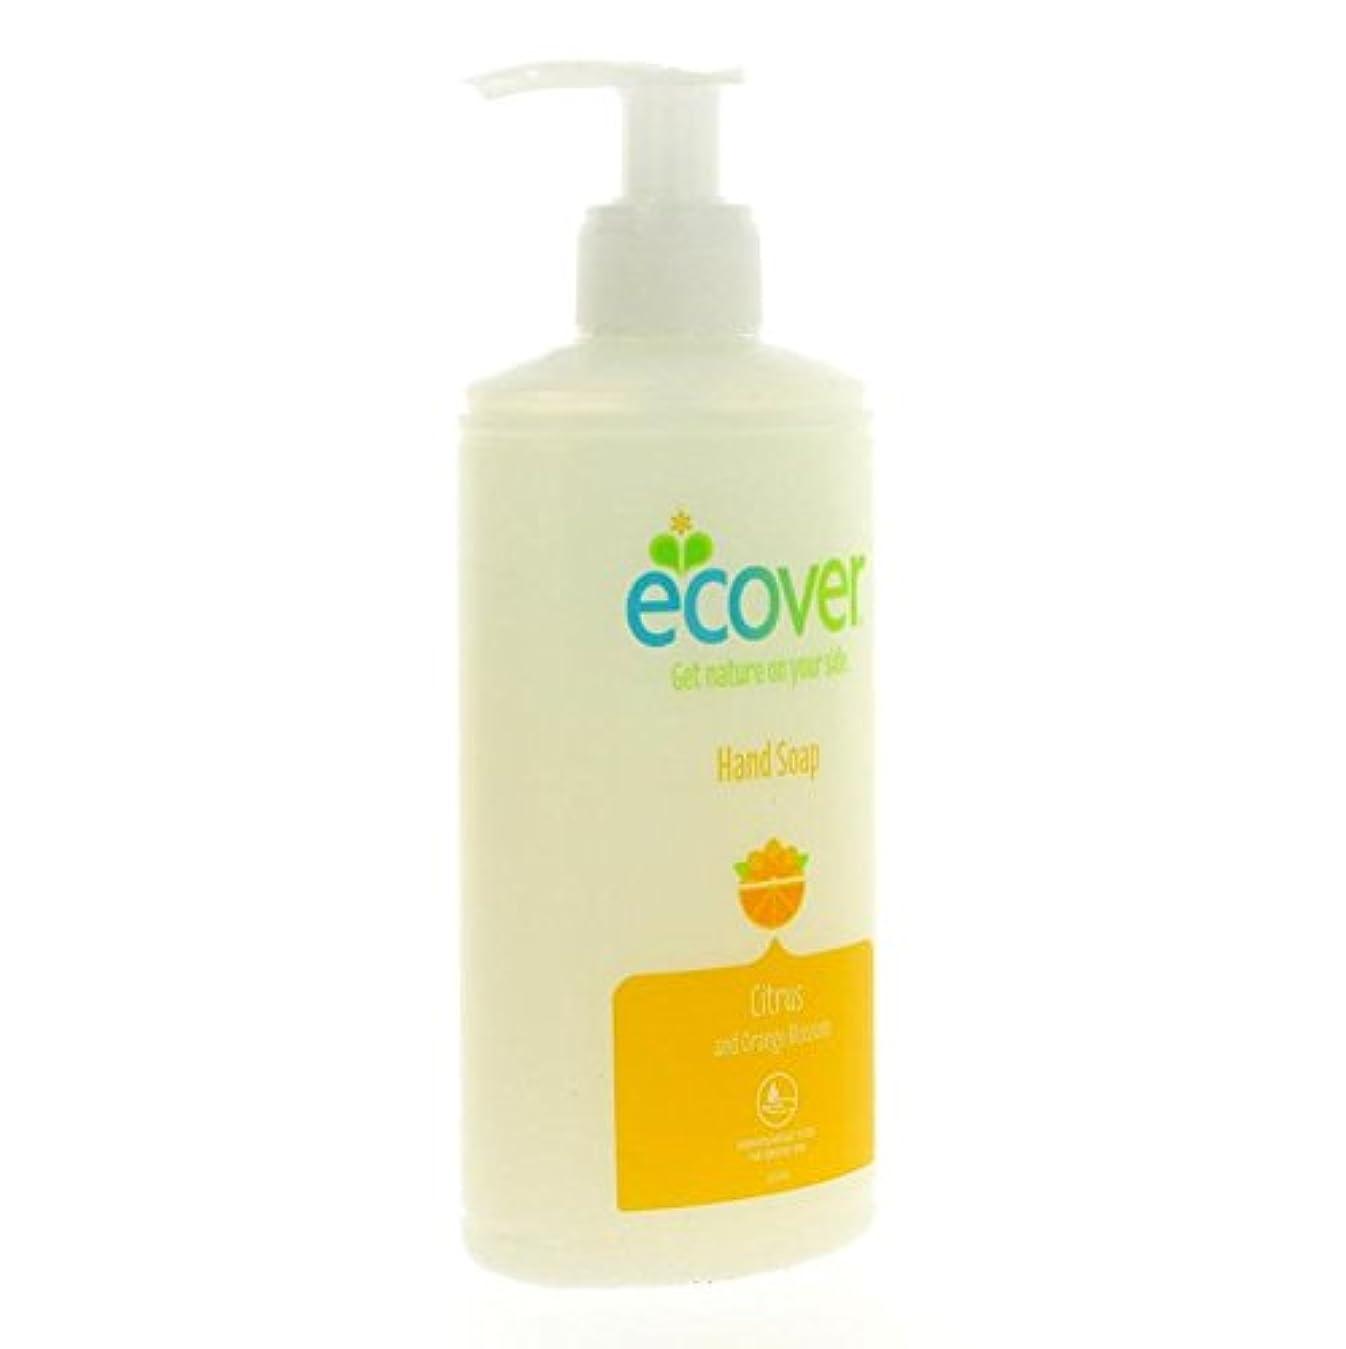 ハブブ謎属性Ecover - Hand Soap - Citrus and Orange Blossom - 250ml (Case of 6)